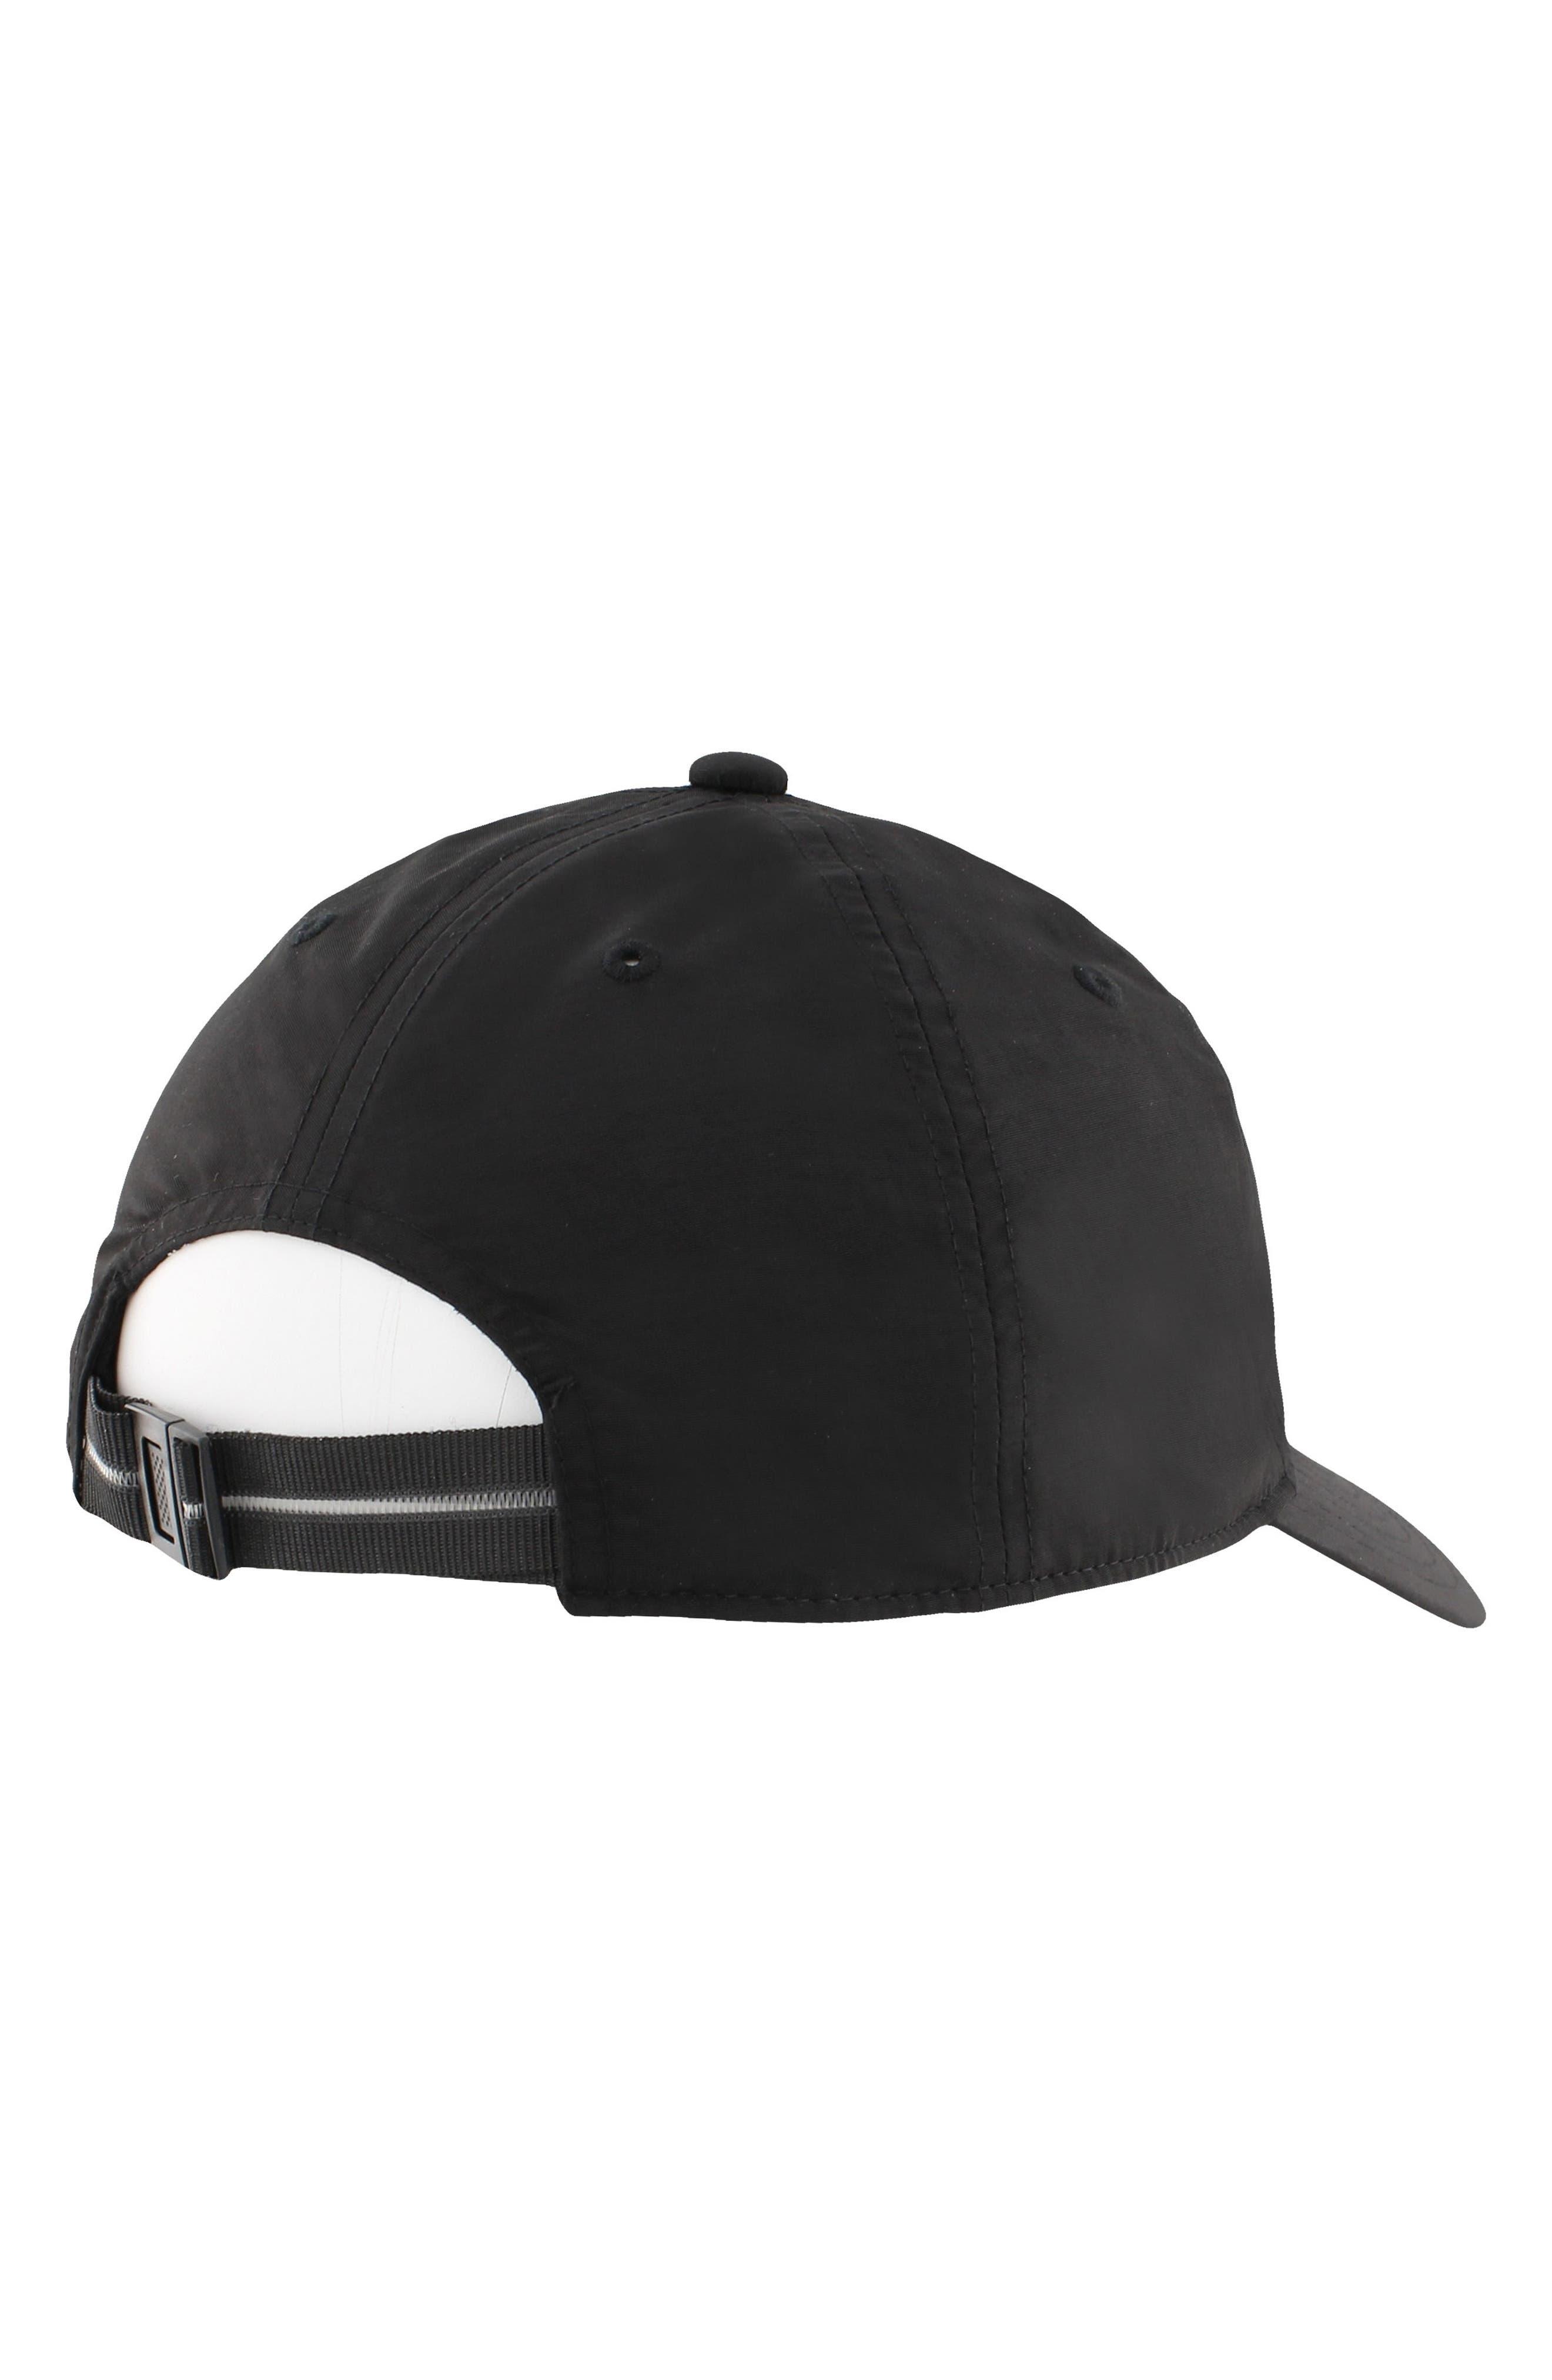 EQT Label Ball Cap,                             Alternate thumbnail 2, color,                             Black/ White